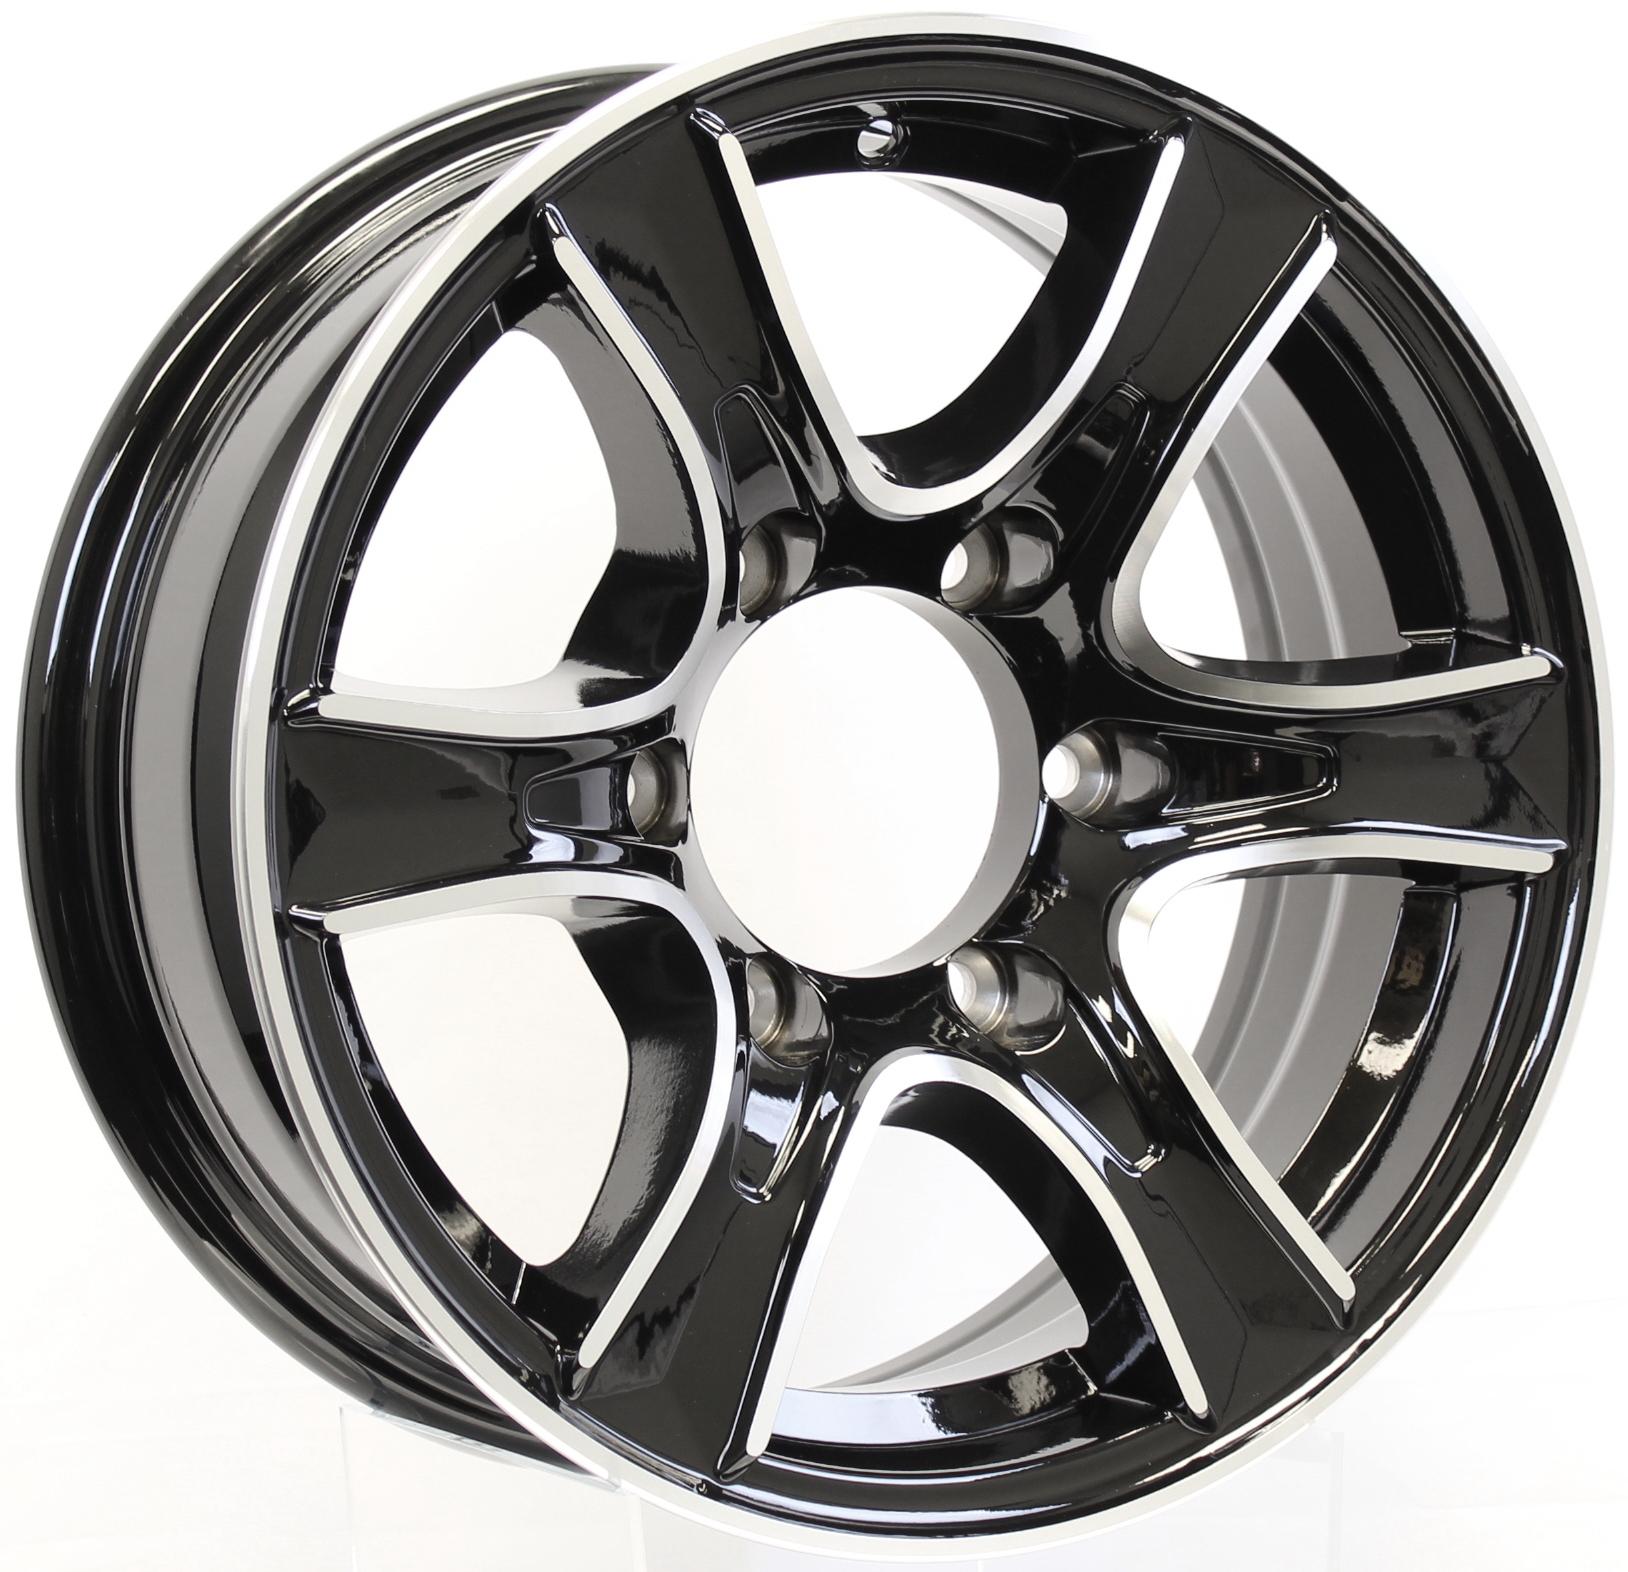 Thoroughbred- 15x6 6-Lug Black Aluminum Trailer Wheel Image